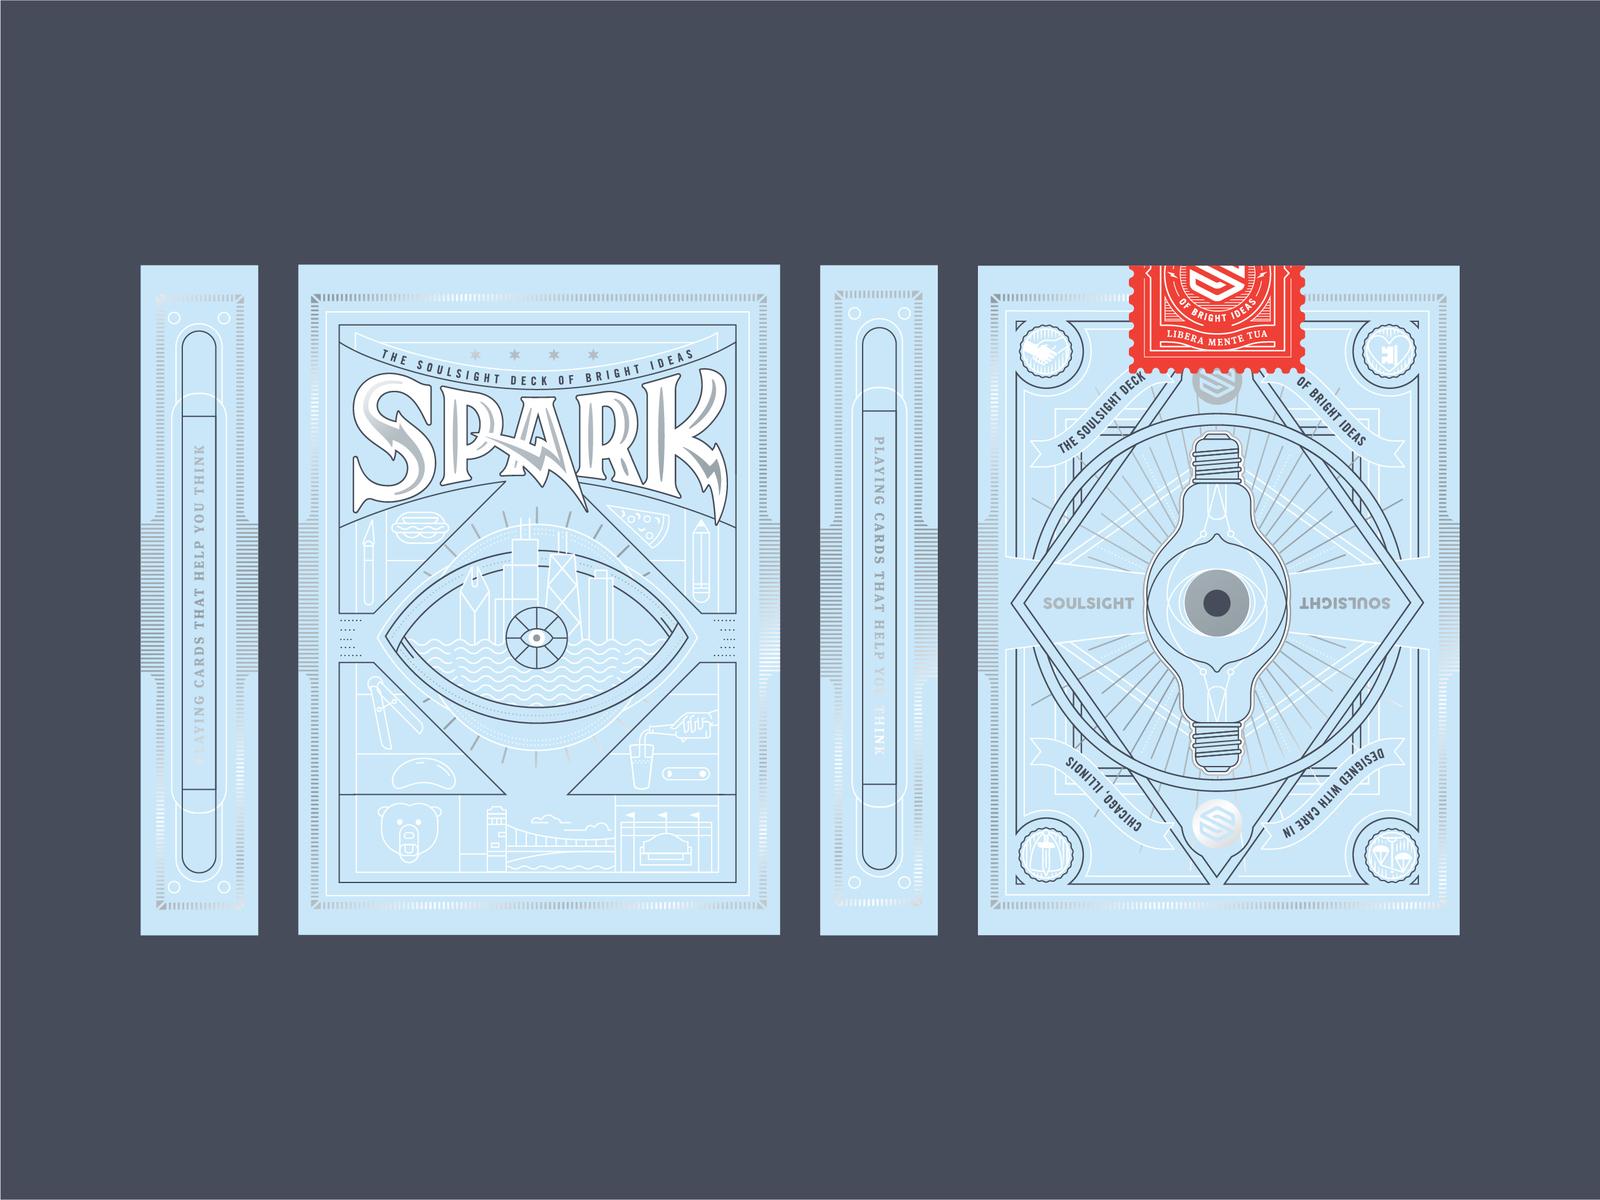 Spark 04 4x